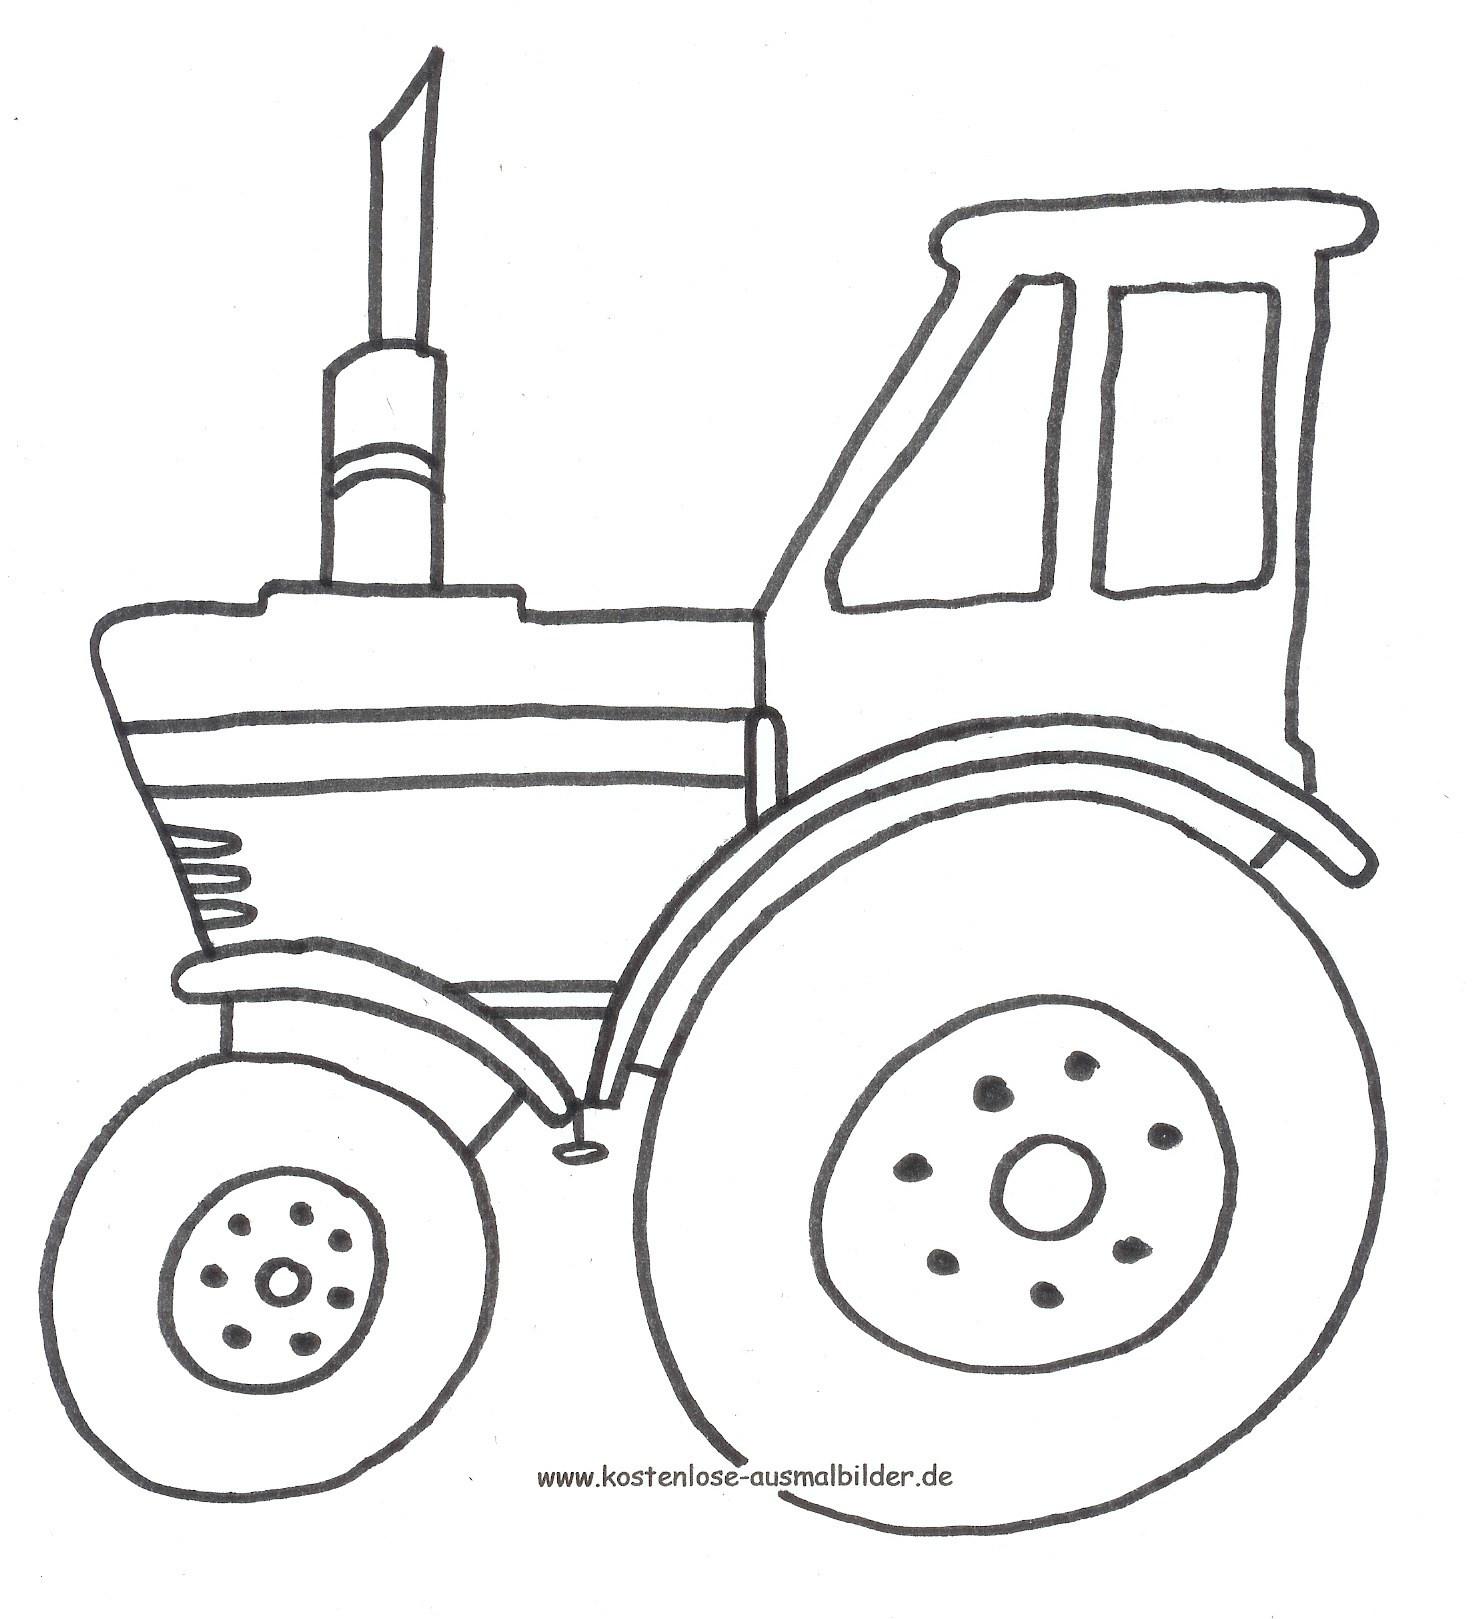 Ausmalbilder Traktor Fendt Inspirierend Ausmalbilder Traktor Fendt Kostenlos Malvorlagen Zum Ausdrucken Bei Das Bild